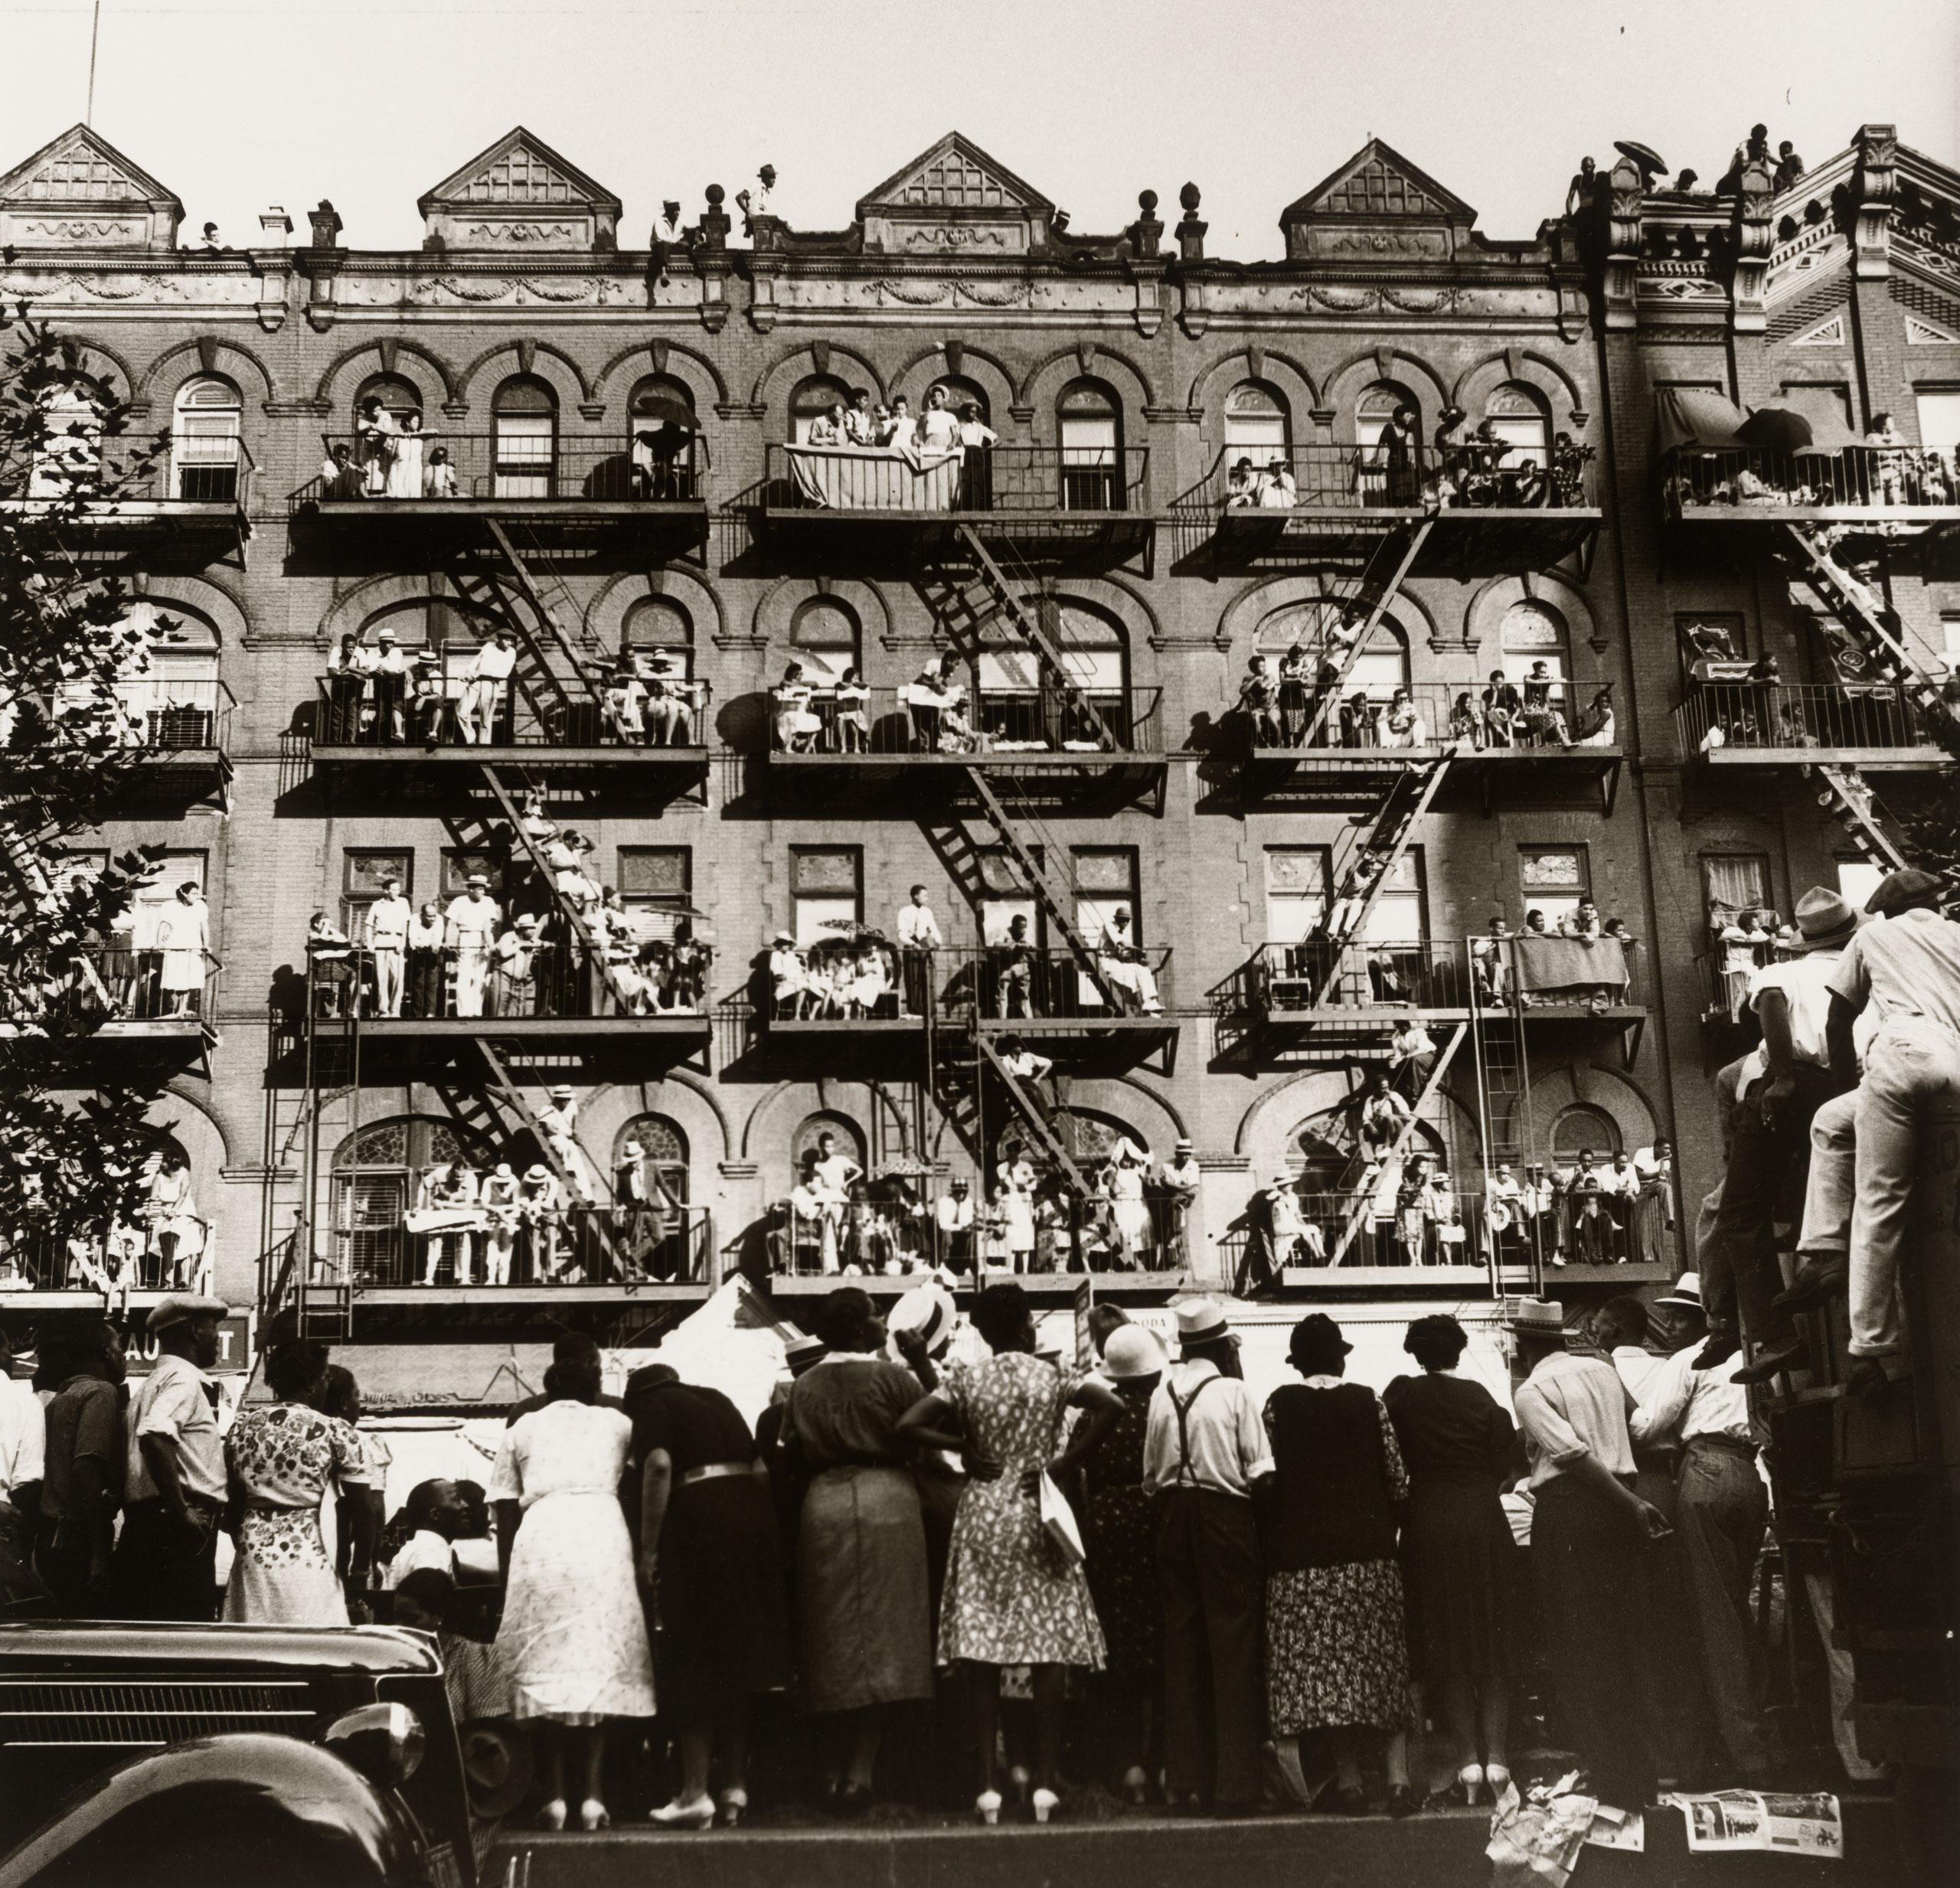 Elks Parade, Harlem, 1938